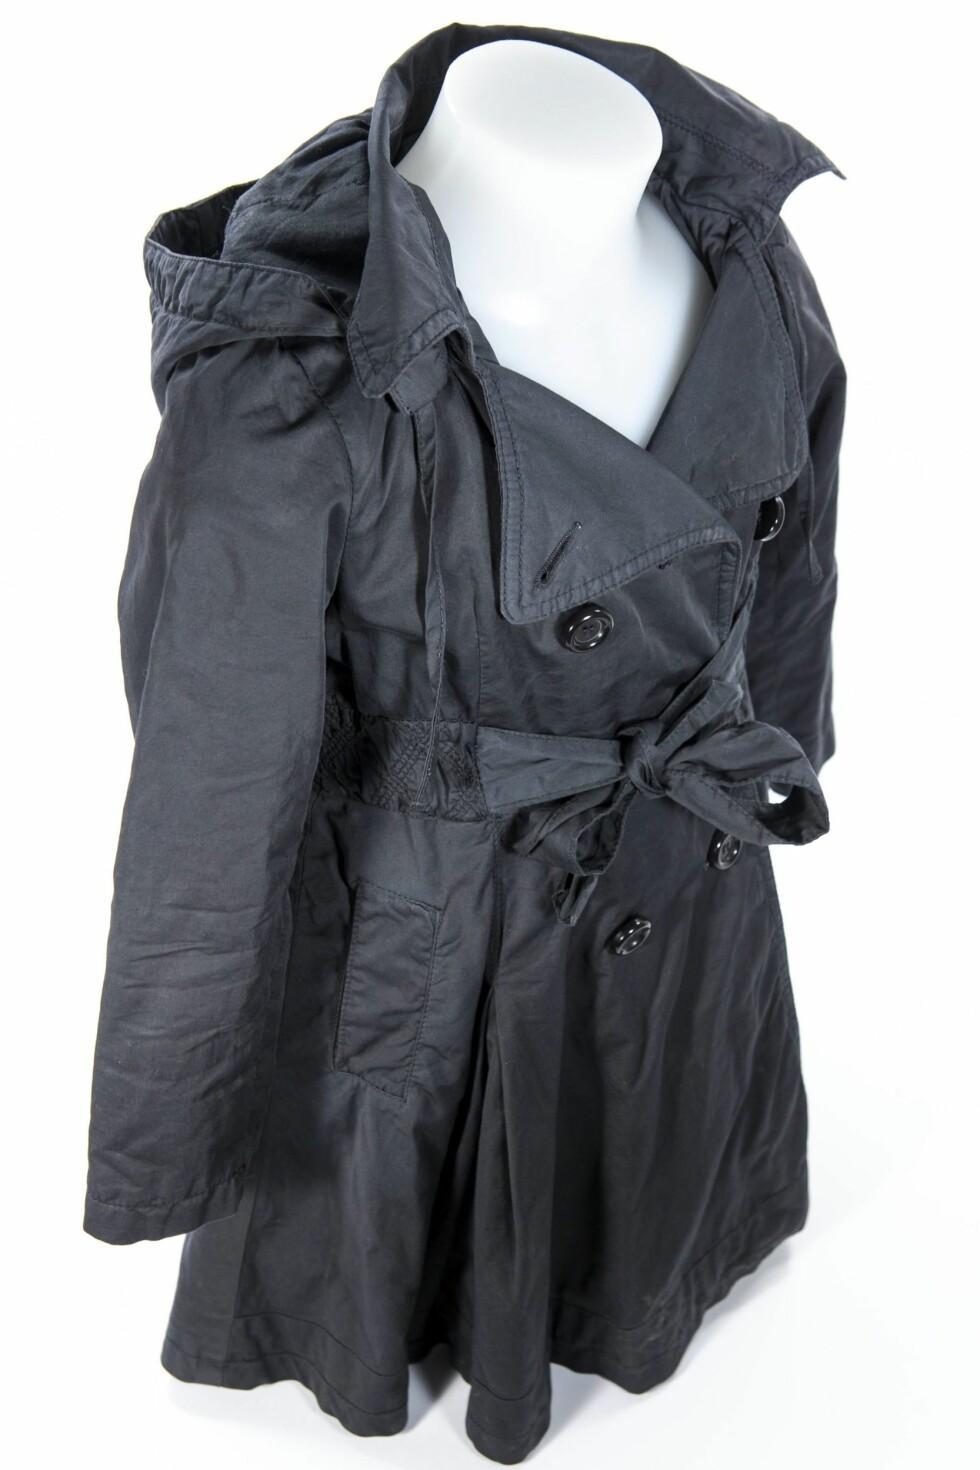 Kåpen sett fra siden.